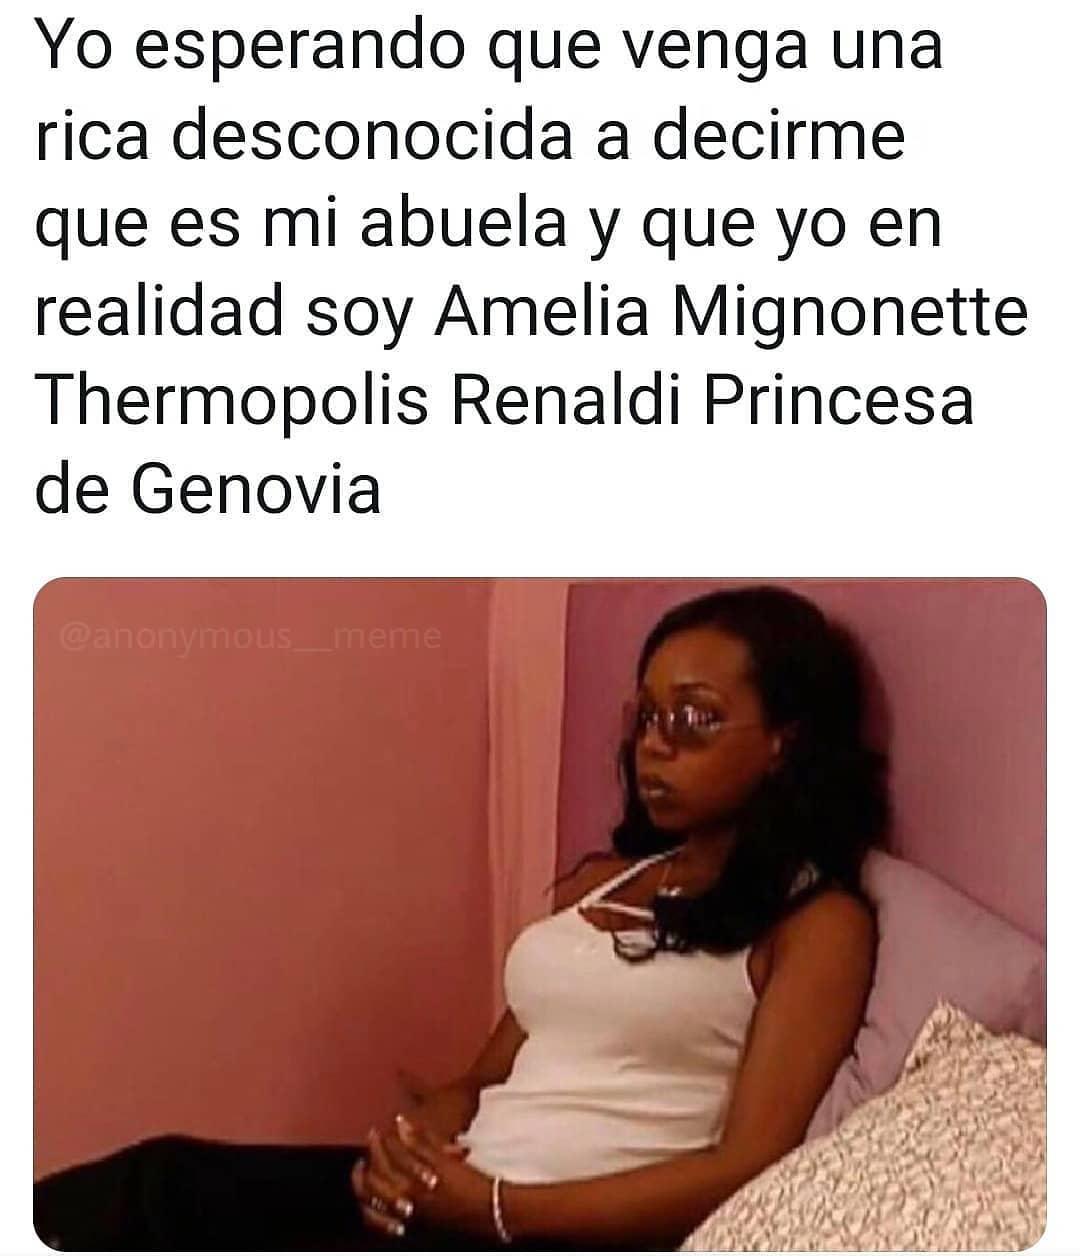 Yo esperando que venga una rica desconocida a decirme que es mi abuela y que yo en realidad soy Amelia Mignonette Thermopolis Renaldi Princesa de Genovia.